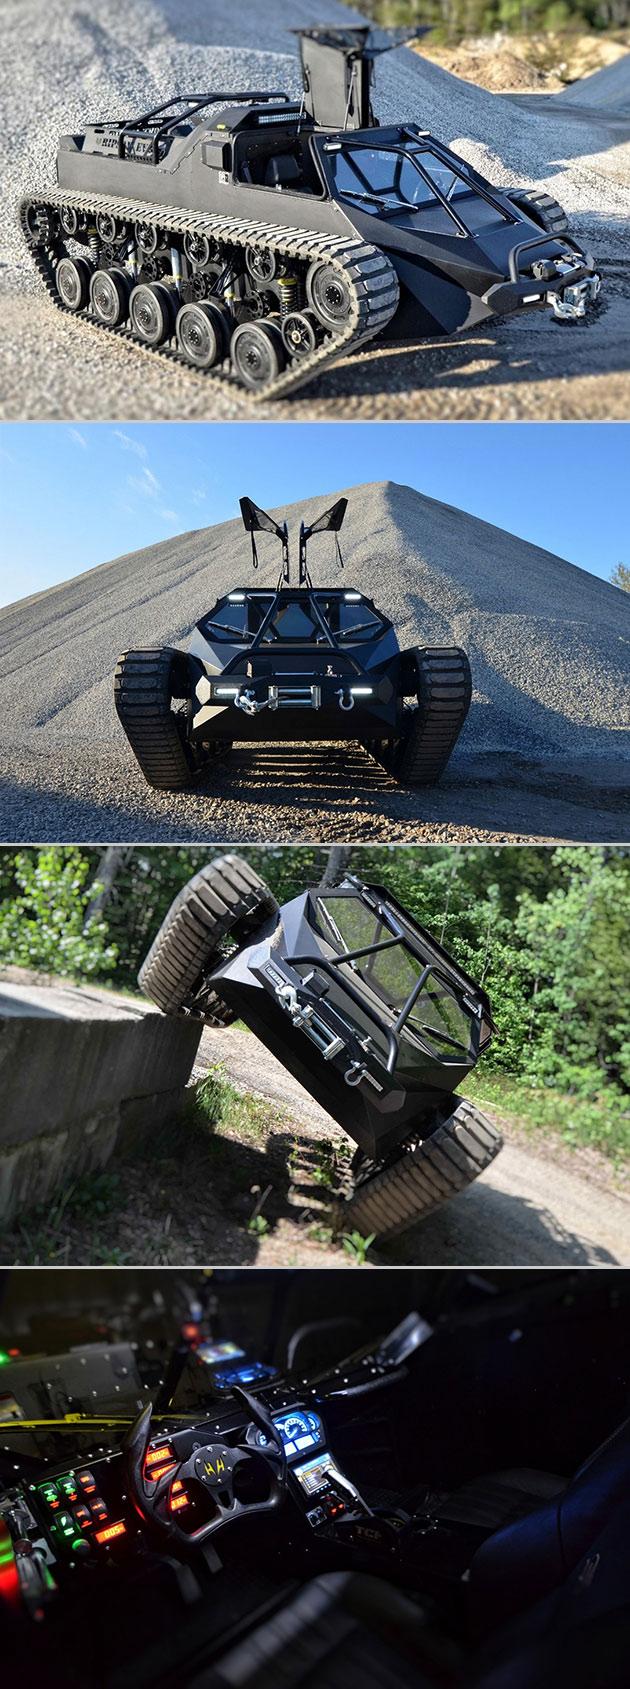 Ripsaw EV2 Tank